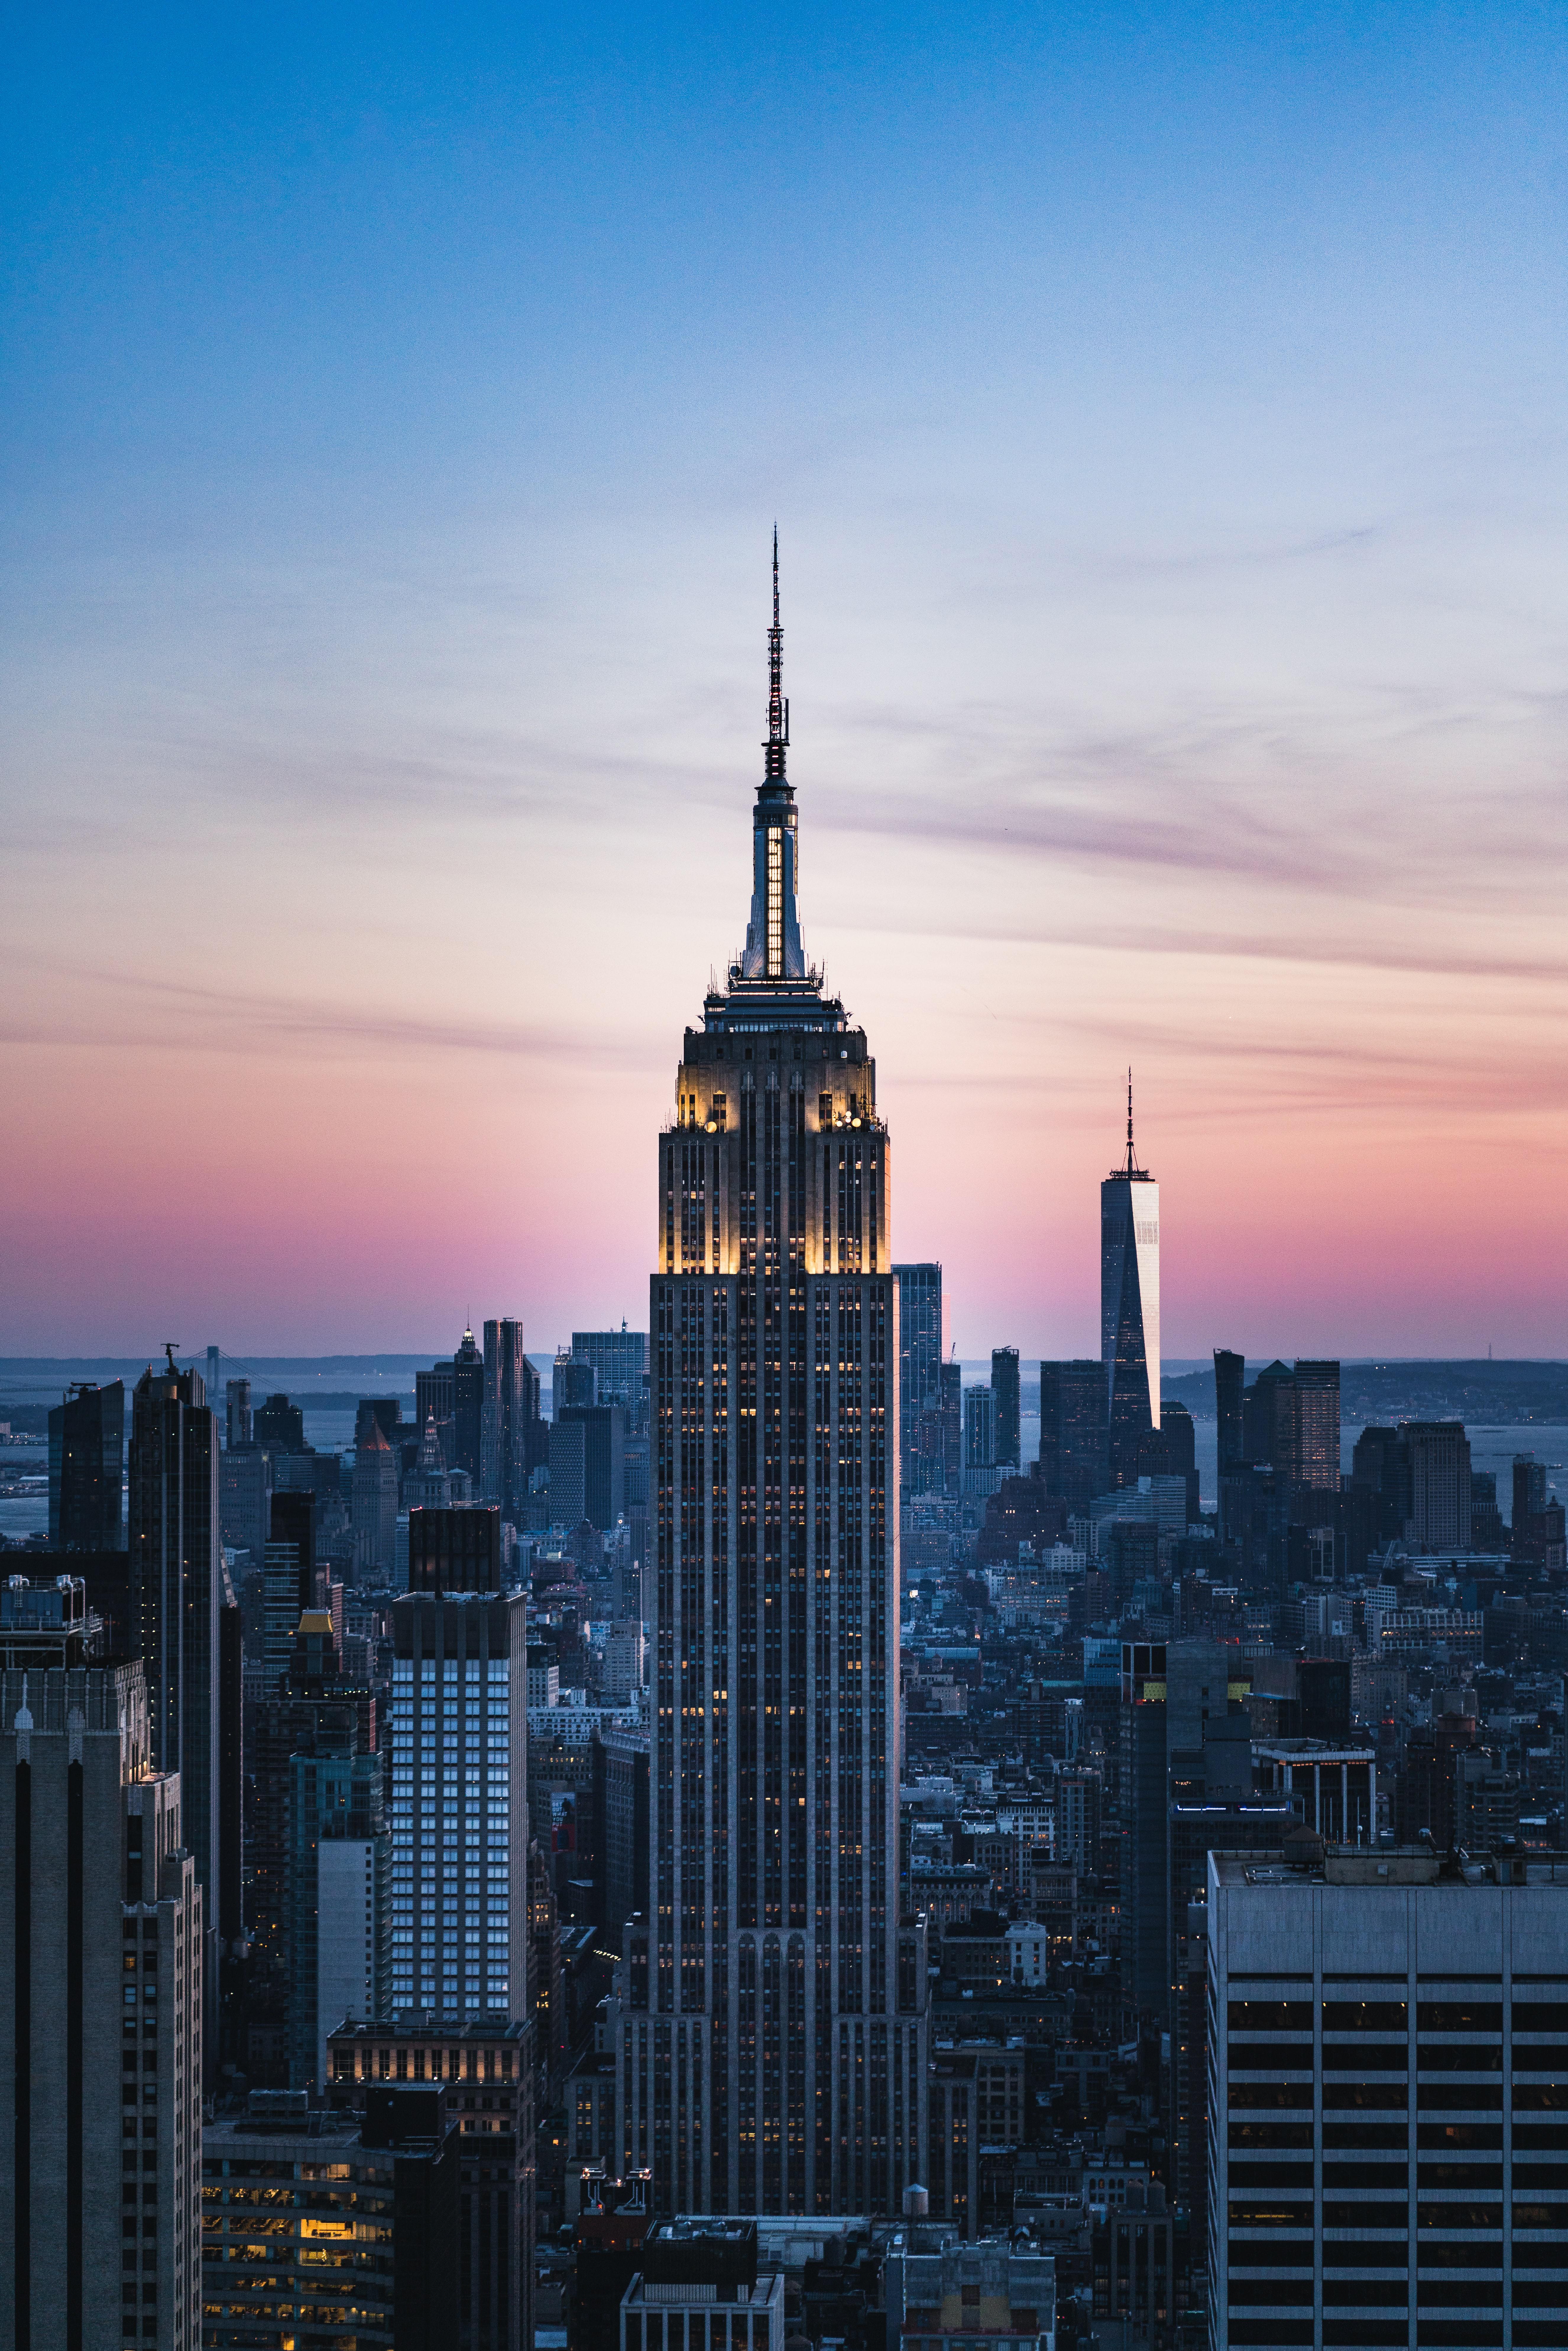 149925 fondo de pantalla 1920x1080 en tu teléfono gratis, descarga imágenes Ciudad, Edificio, Rascacielos, Vista Desde Arriba, Puesta Del Sol, Arquitectura, Ciudades 1920x1080 en tu móvil